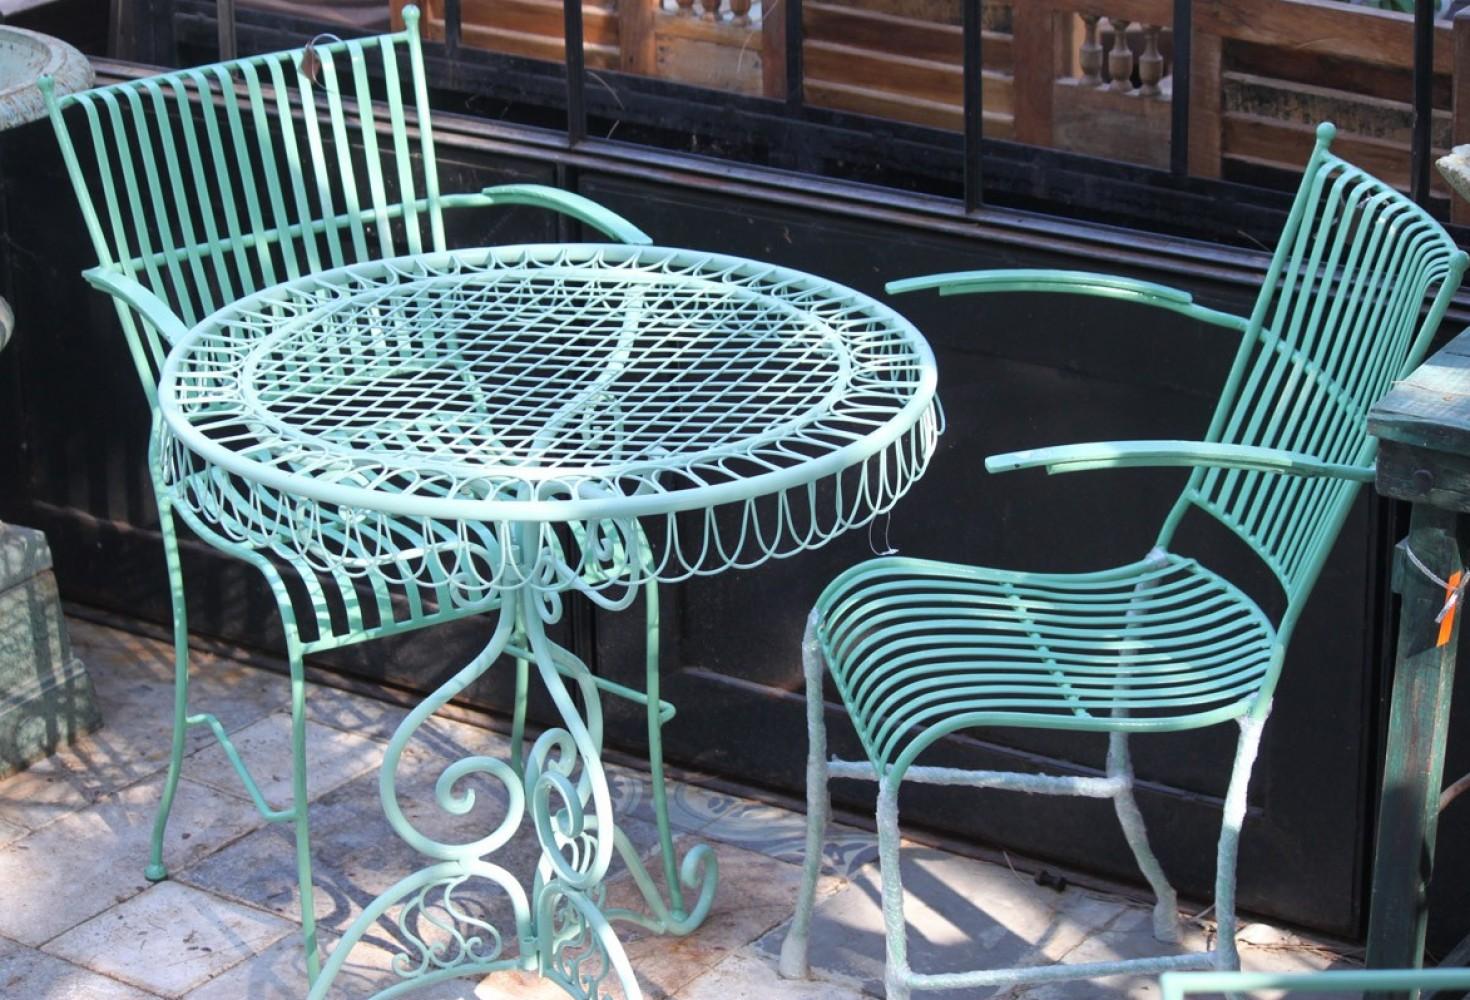 שולחן פרזול לגינה עם כסאות תואמים